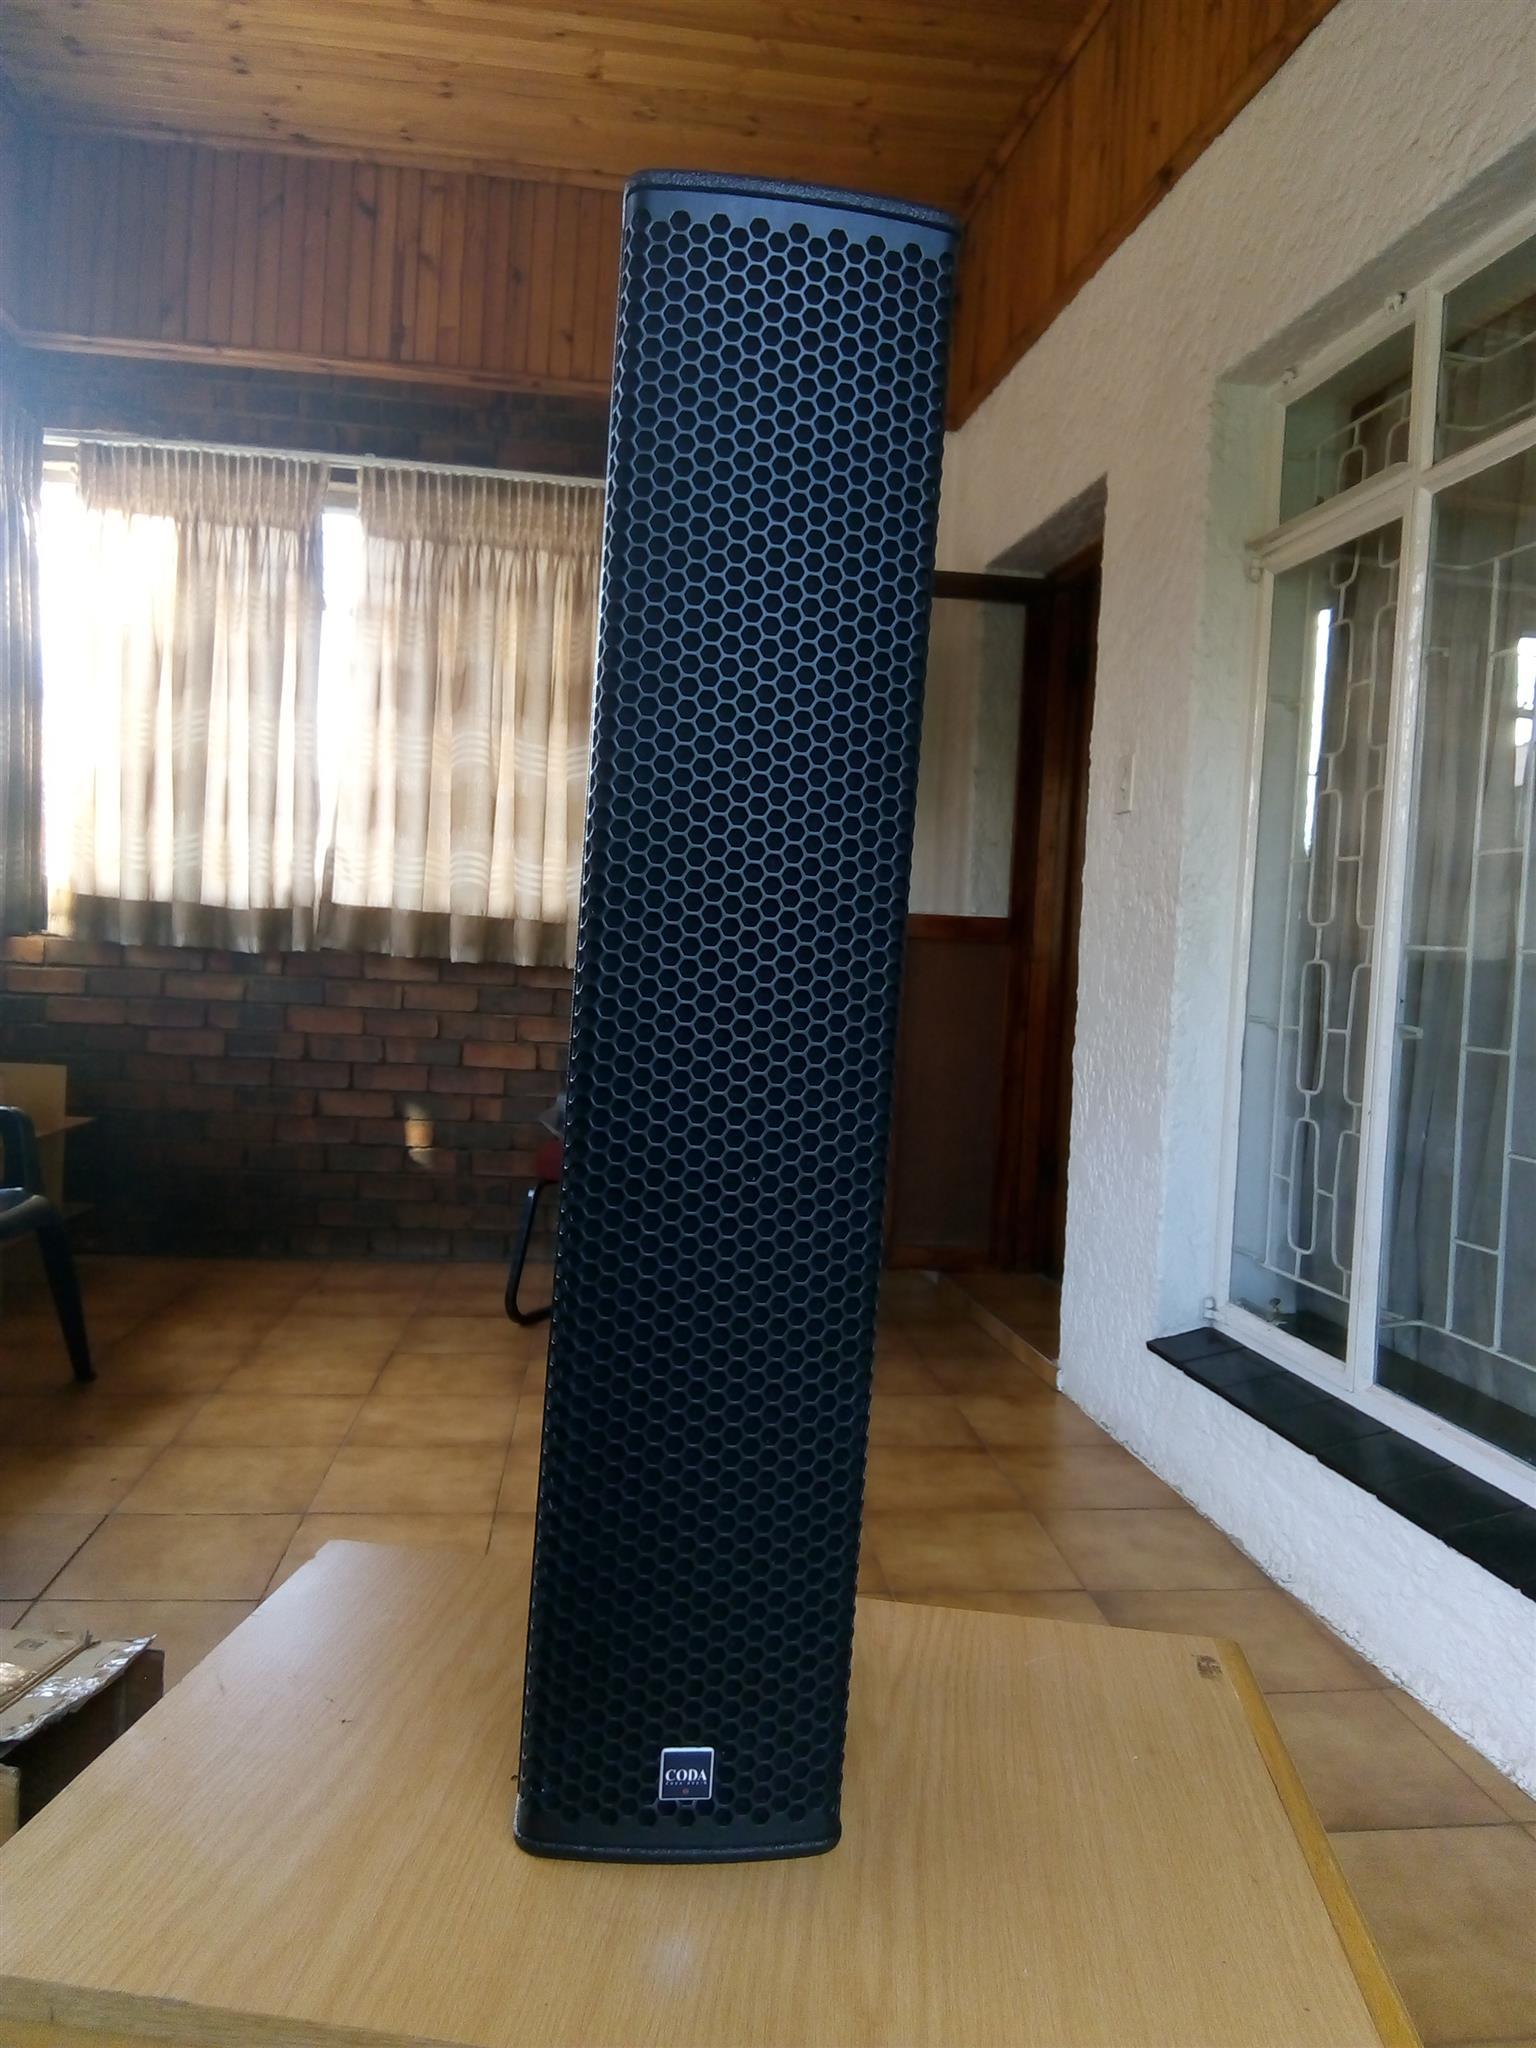 Coda Professional loudspeakers + controller